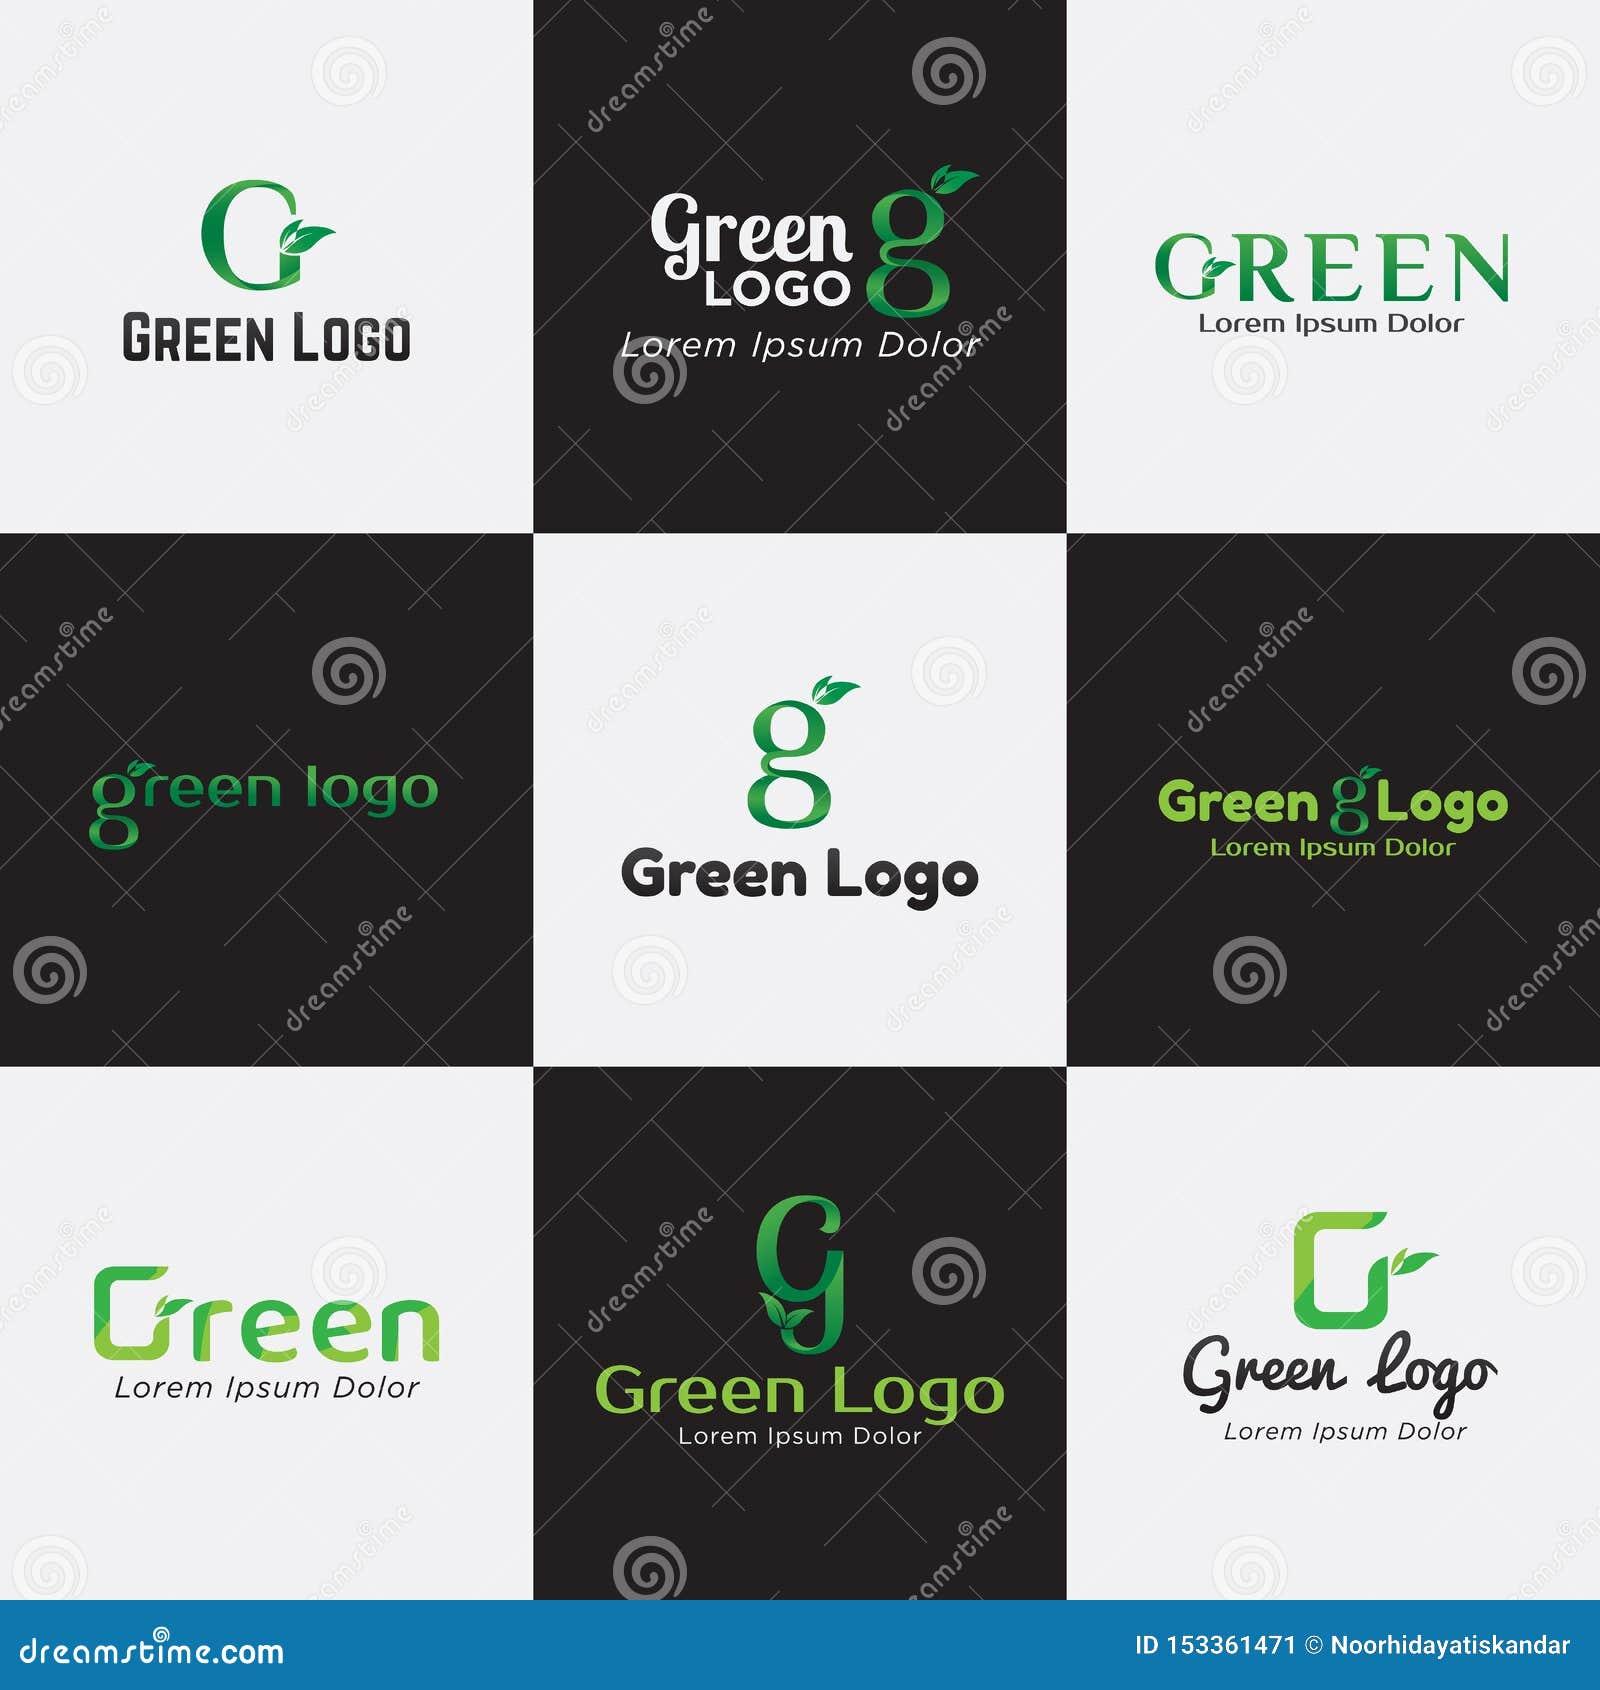 Gröna Logo Bundle Template för Affär, Företag, Asssociation, gemenskap och produkt